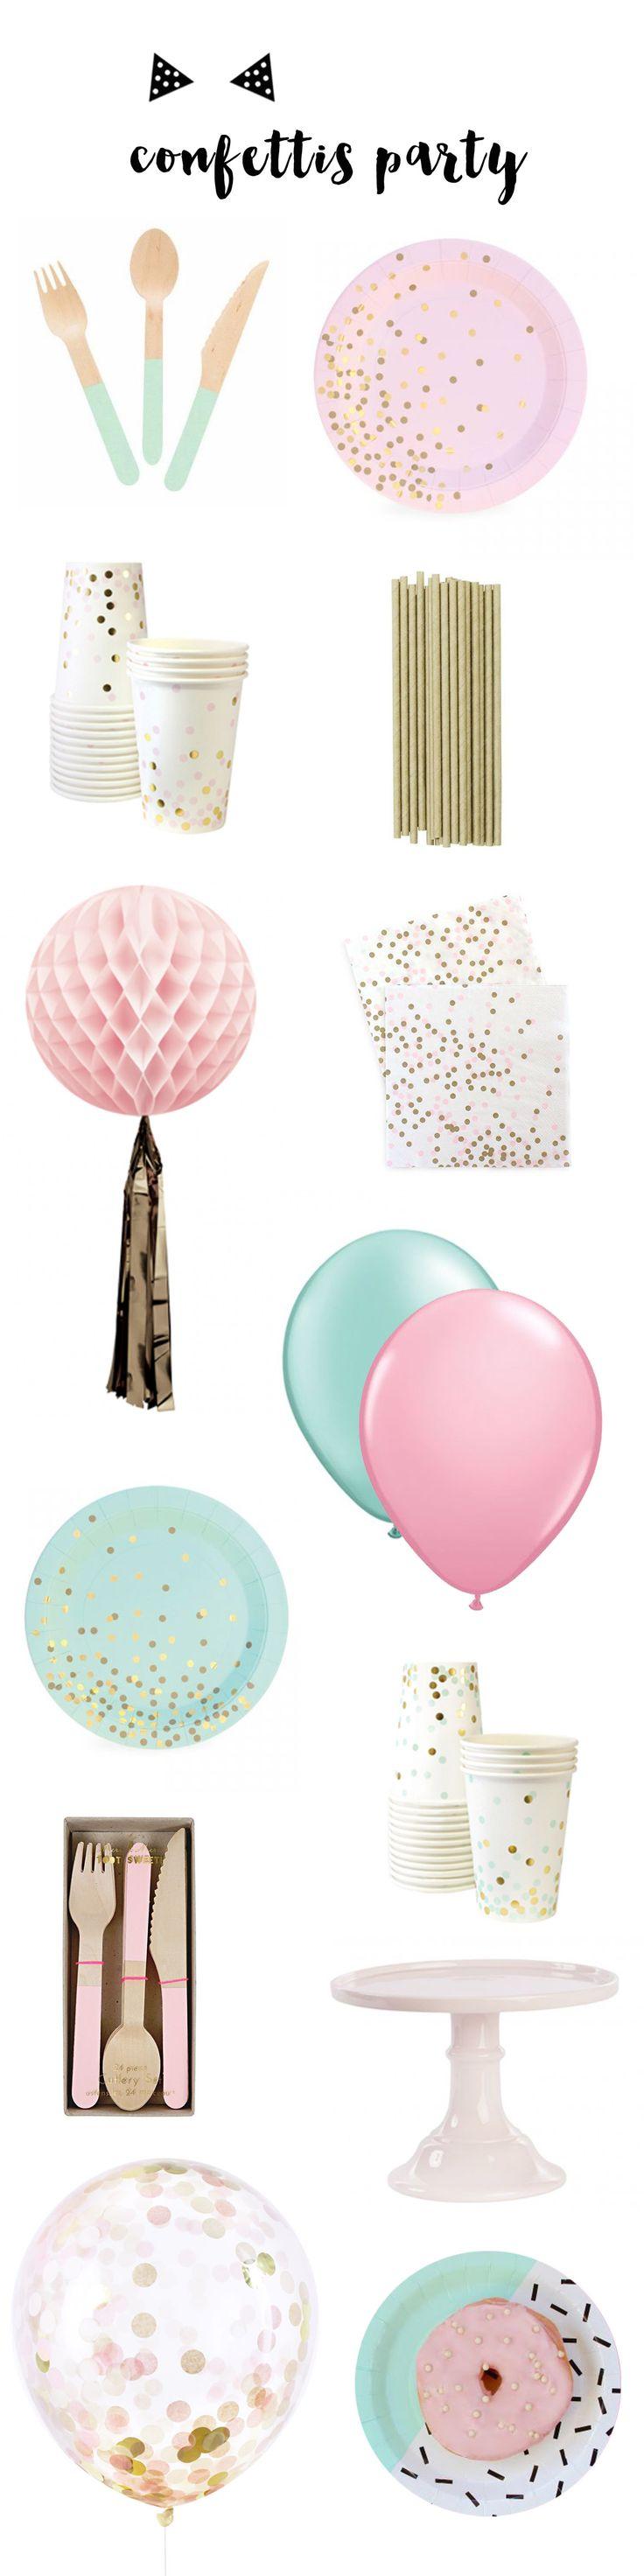 Sélection de vaisselle et d'accessoires déco pour une fête autour des confettis, à retrouver sur www.rosecaramelle.fr #confettis #funfetti #party #fete #deco #anniversaire #vaisselle #decoration #confetti #kids #birthday #pink #rose #menthe #mint #pastel